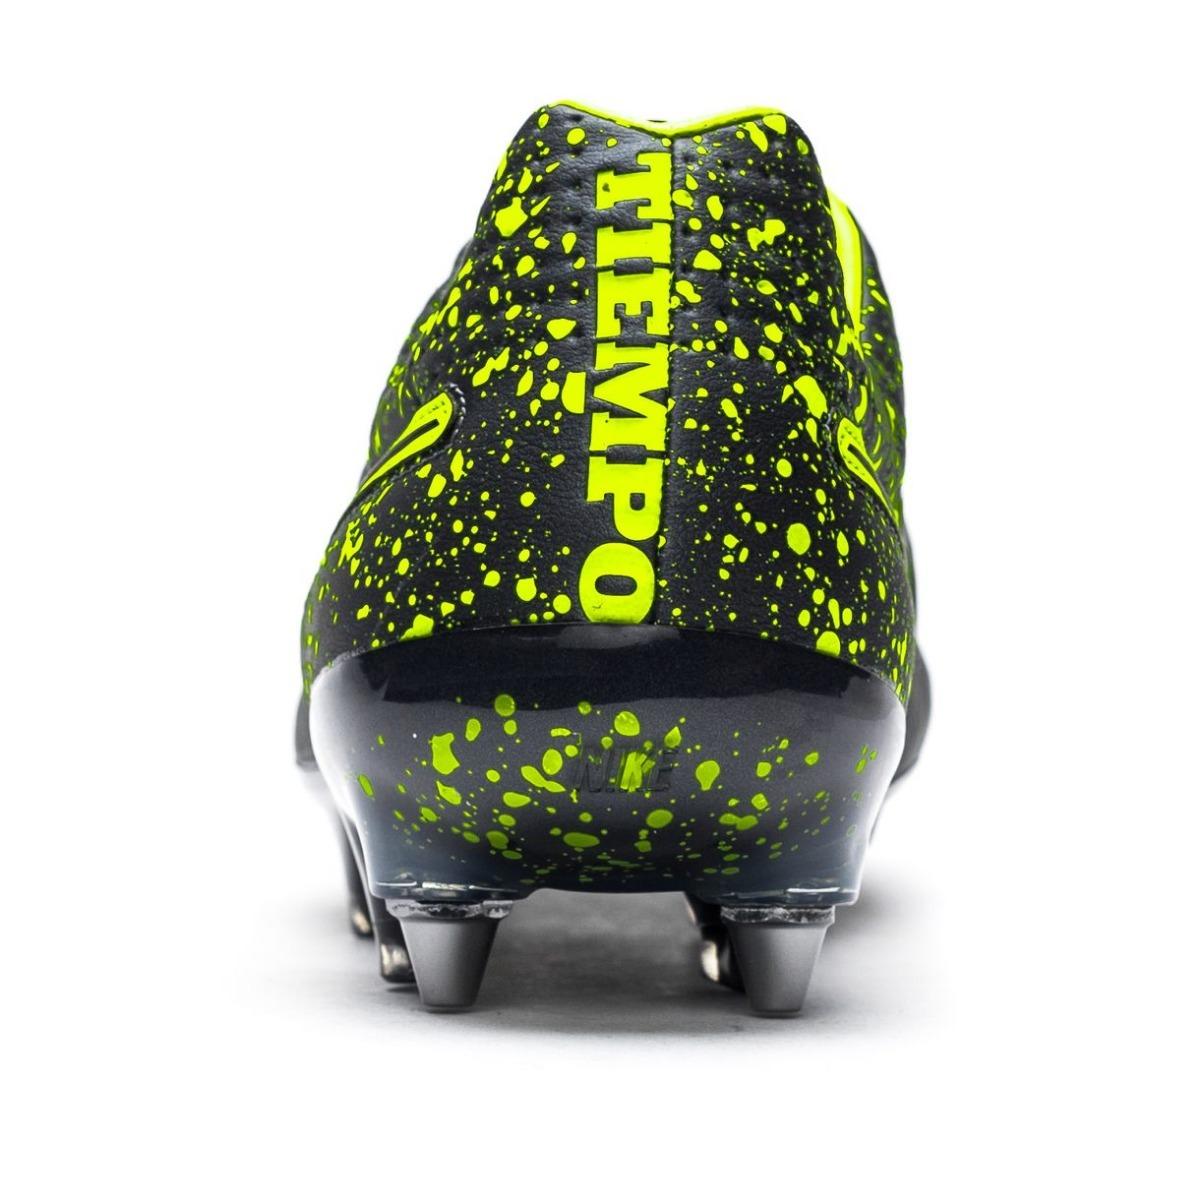 081ea60da7 Chuteira Nike Tiempo Legend 5 Sg-pro Trava Mista